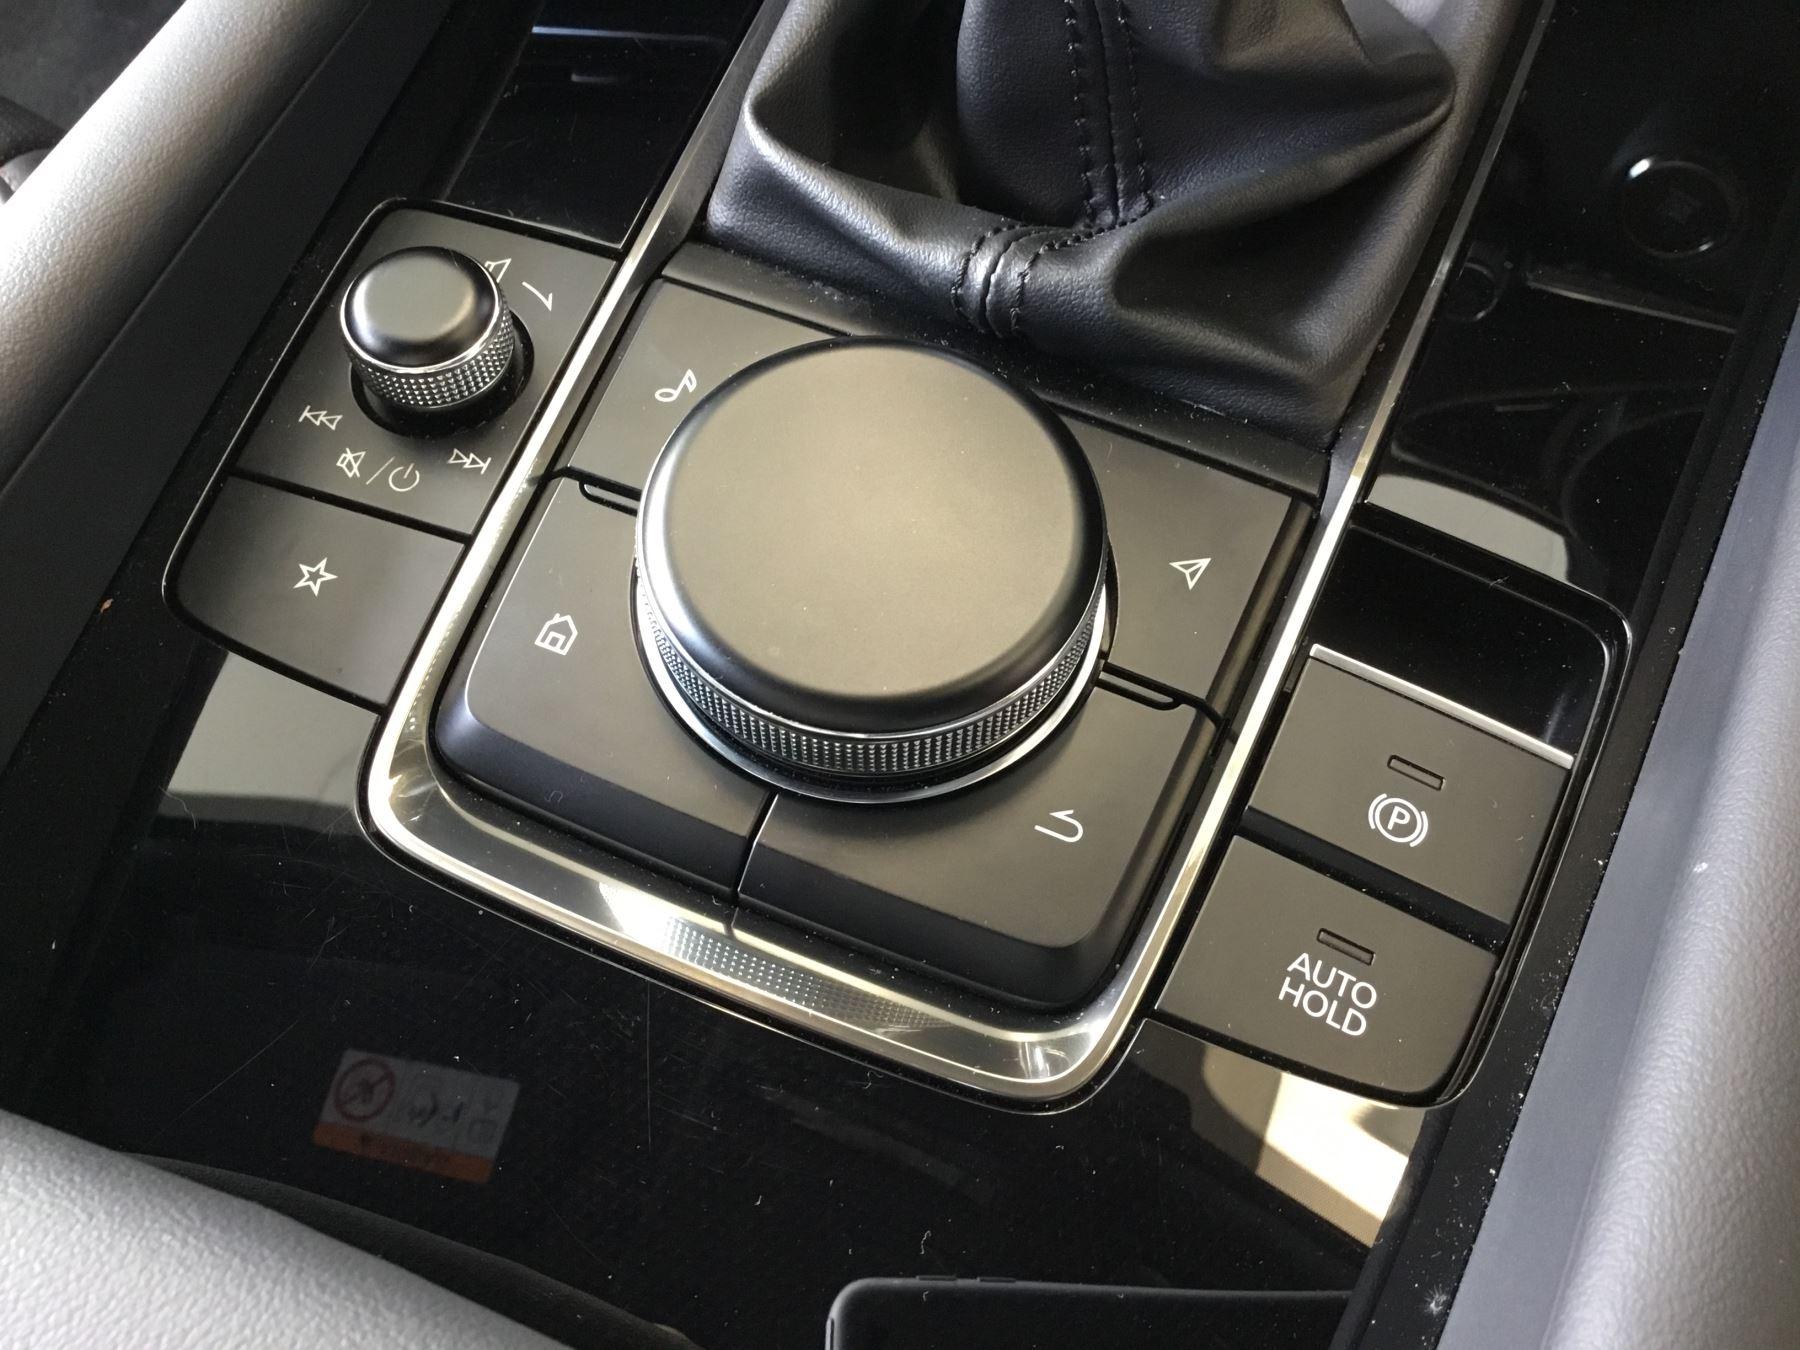 Mazda 3 2.0 GT Sport 5dr image 14